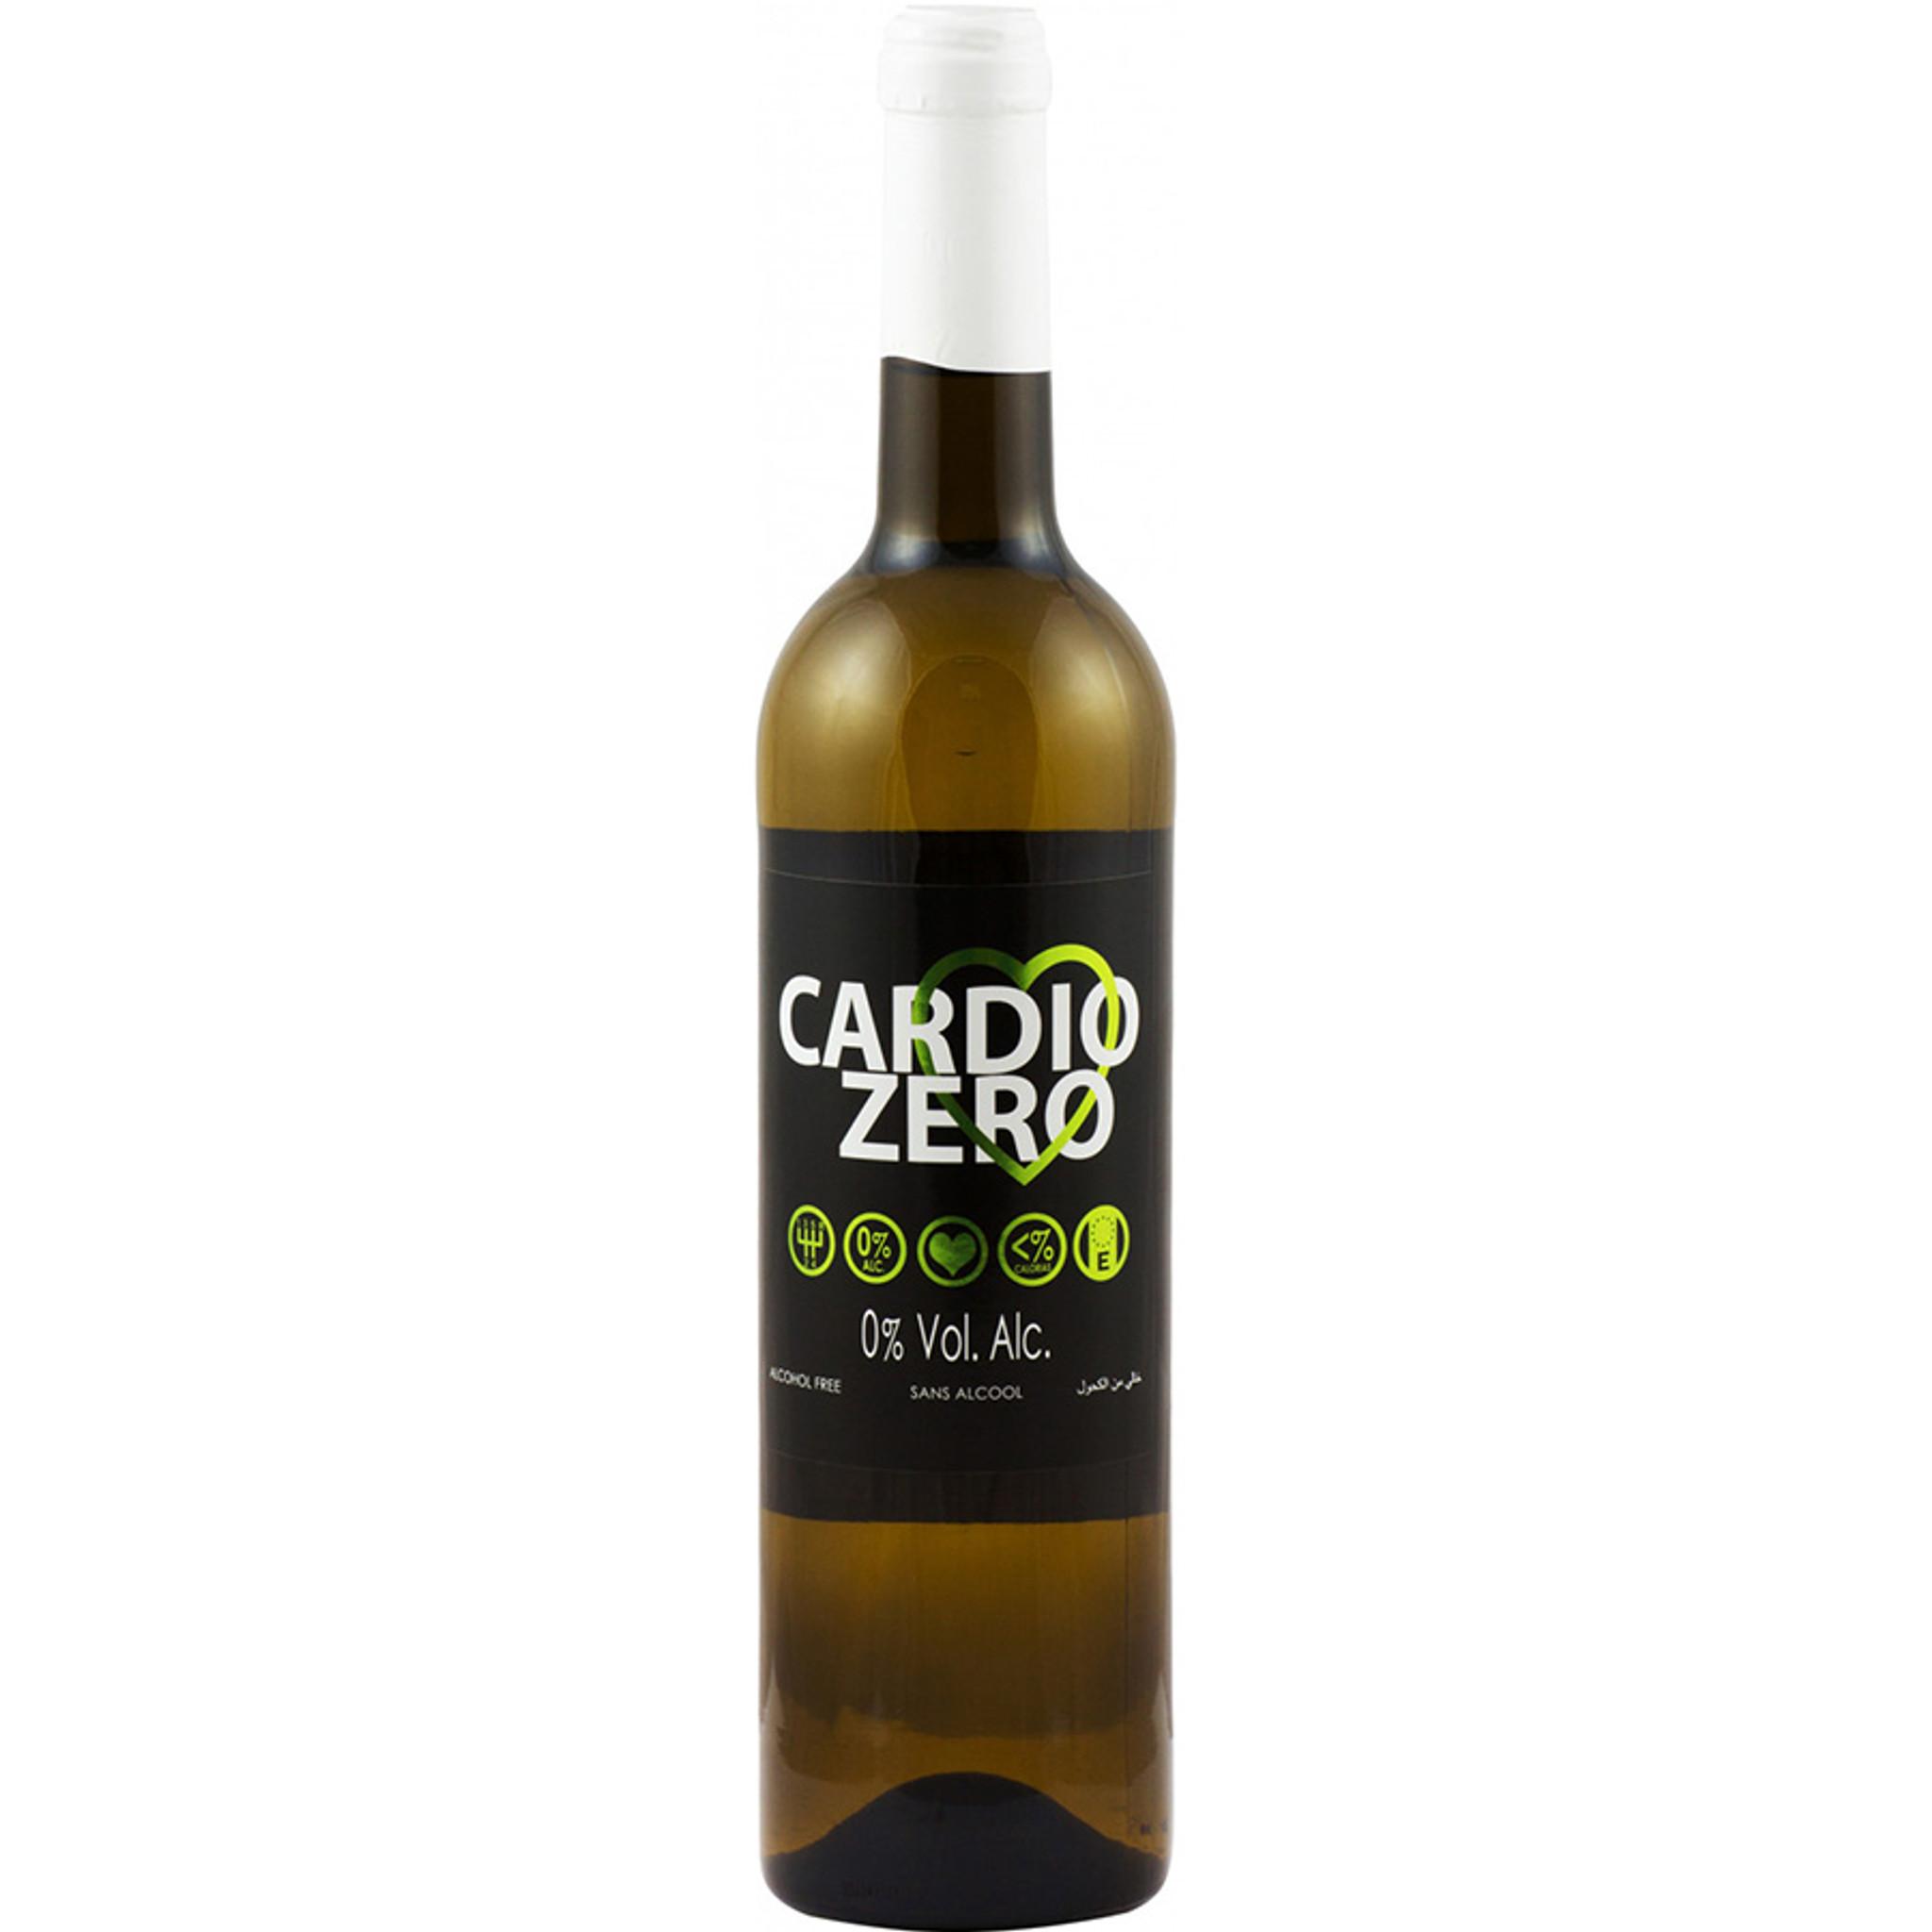 Elivo Cardio Zero White Alcohol Free White Wine